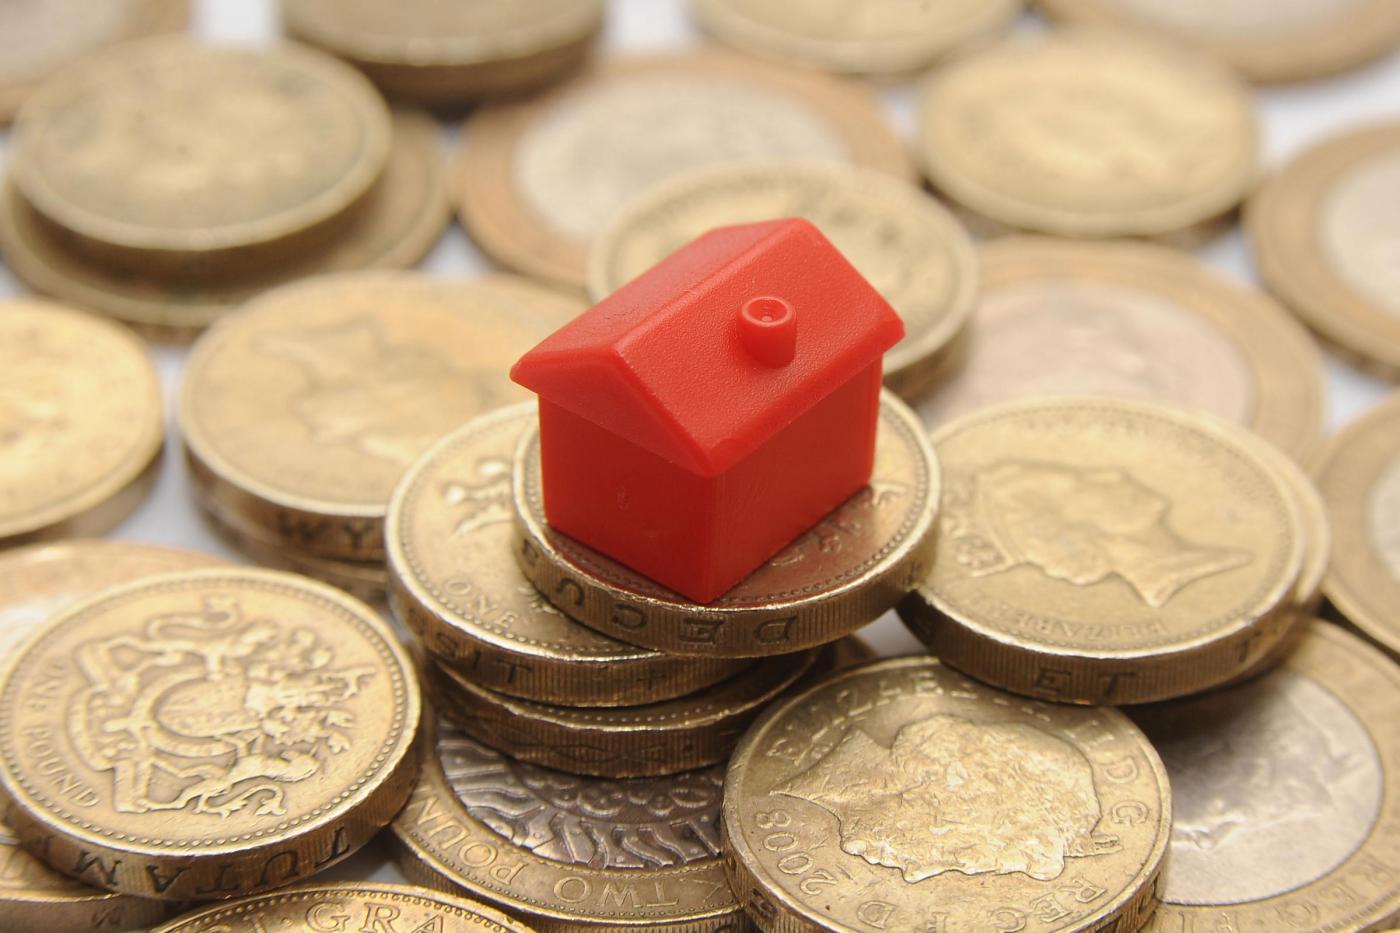 Mutui case e pignoramento: cosa cambia con la riforma